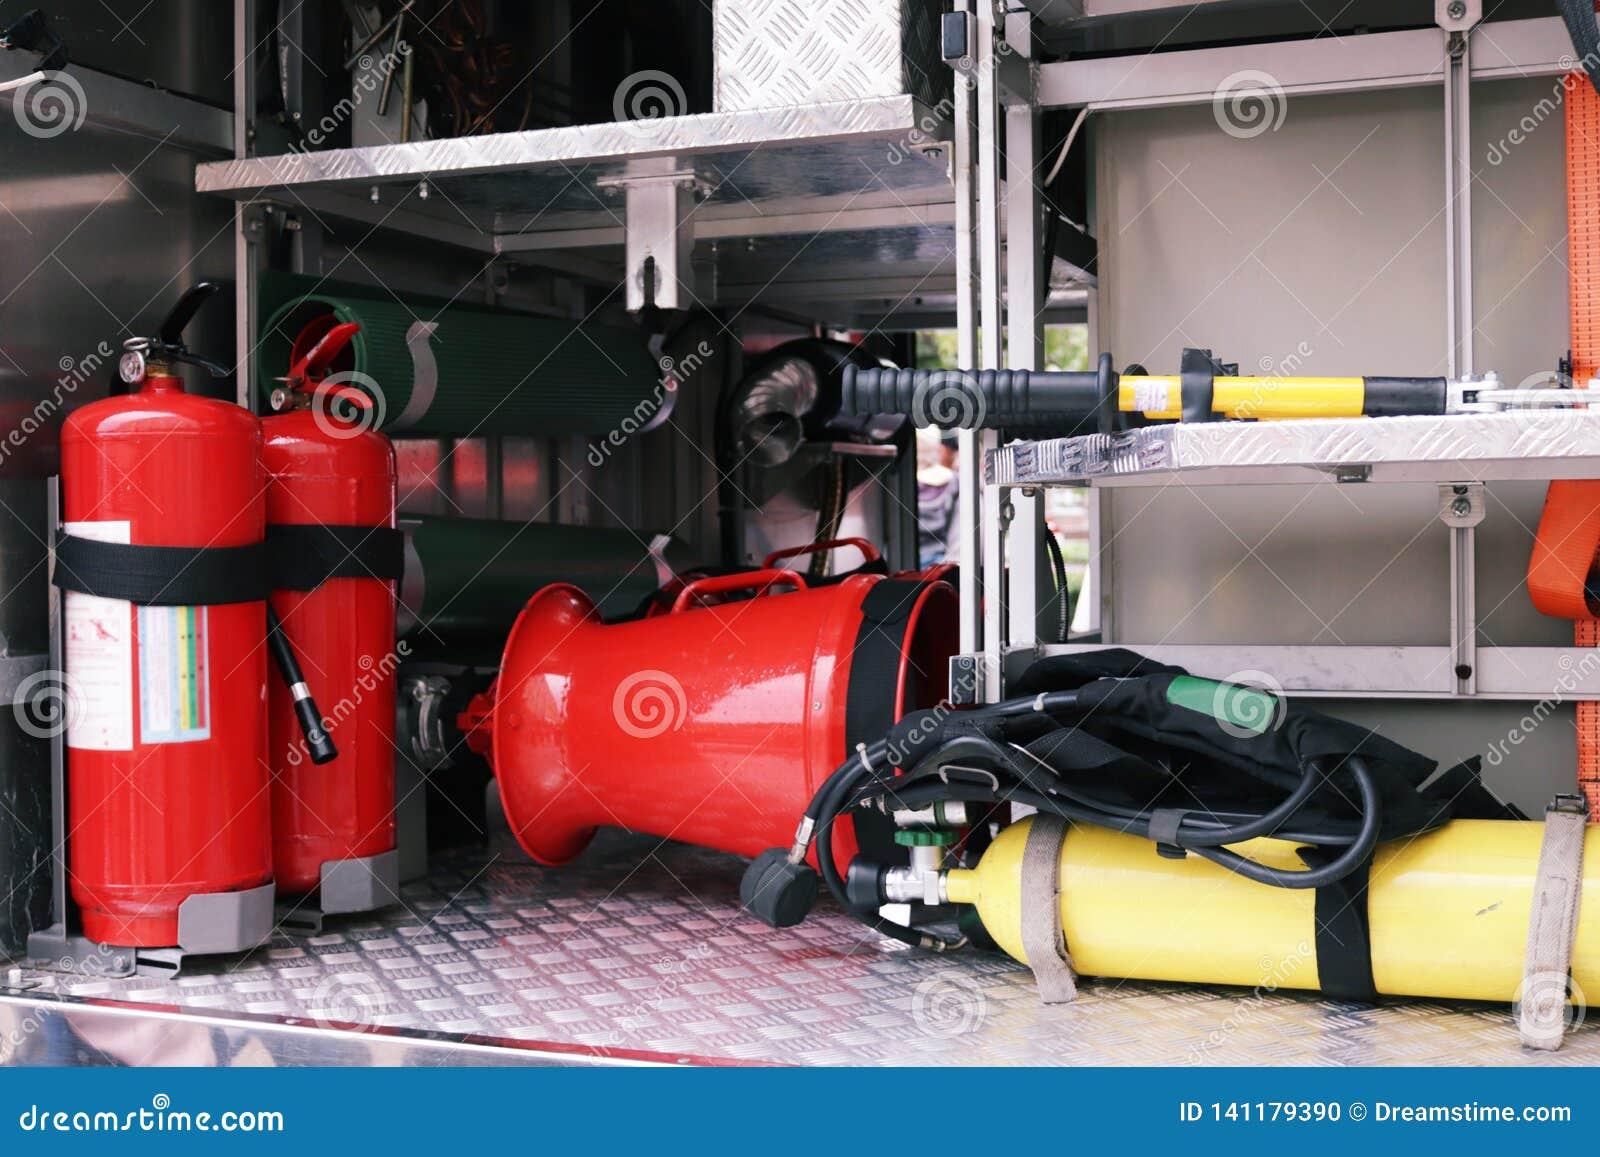 Λεπτομέρειες και δομή του πυροσβεστικού οχήματος